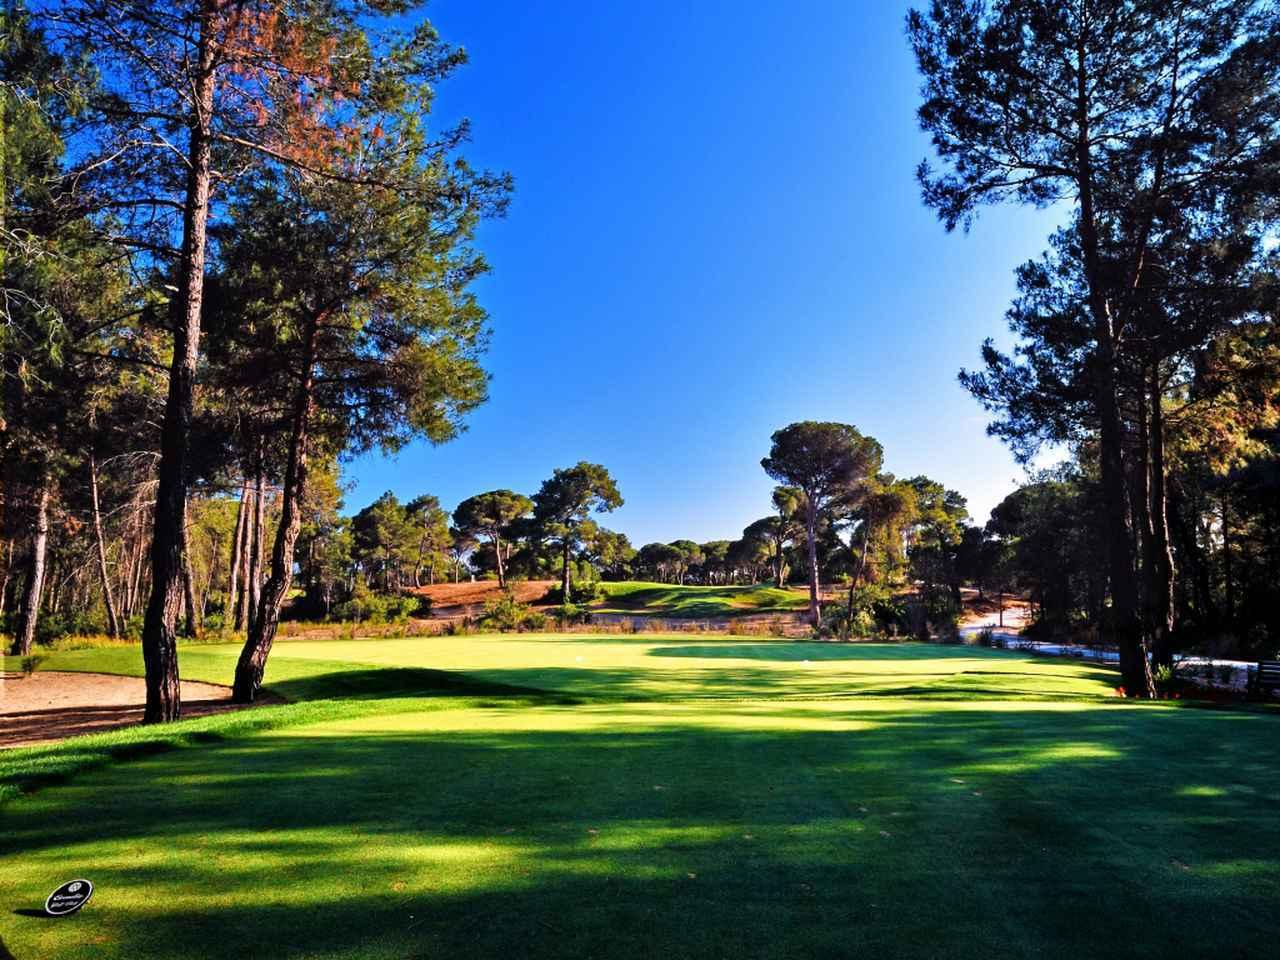 画像1: アンケートに答えて アディダスを着て、履いて、ゴルフへ行くぞ!